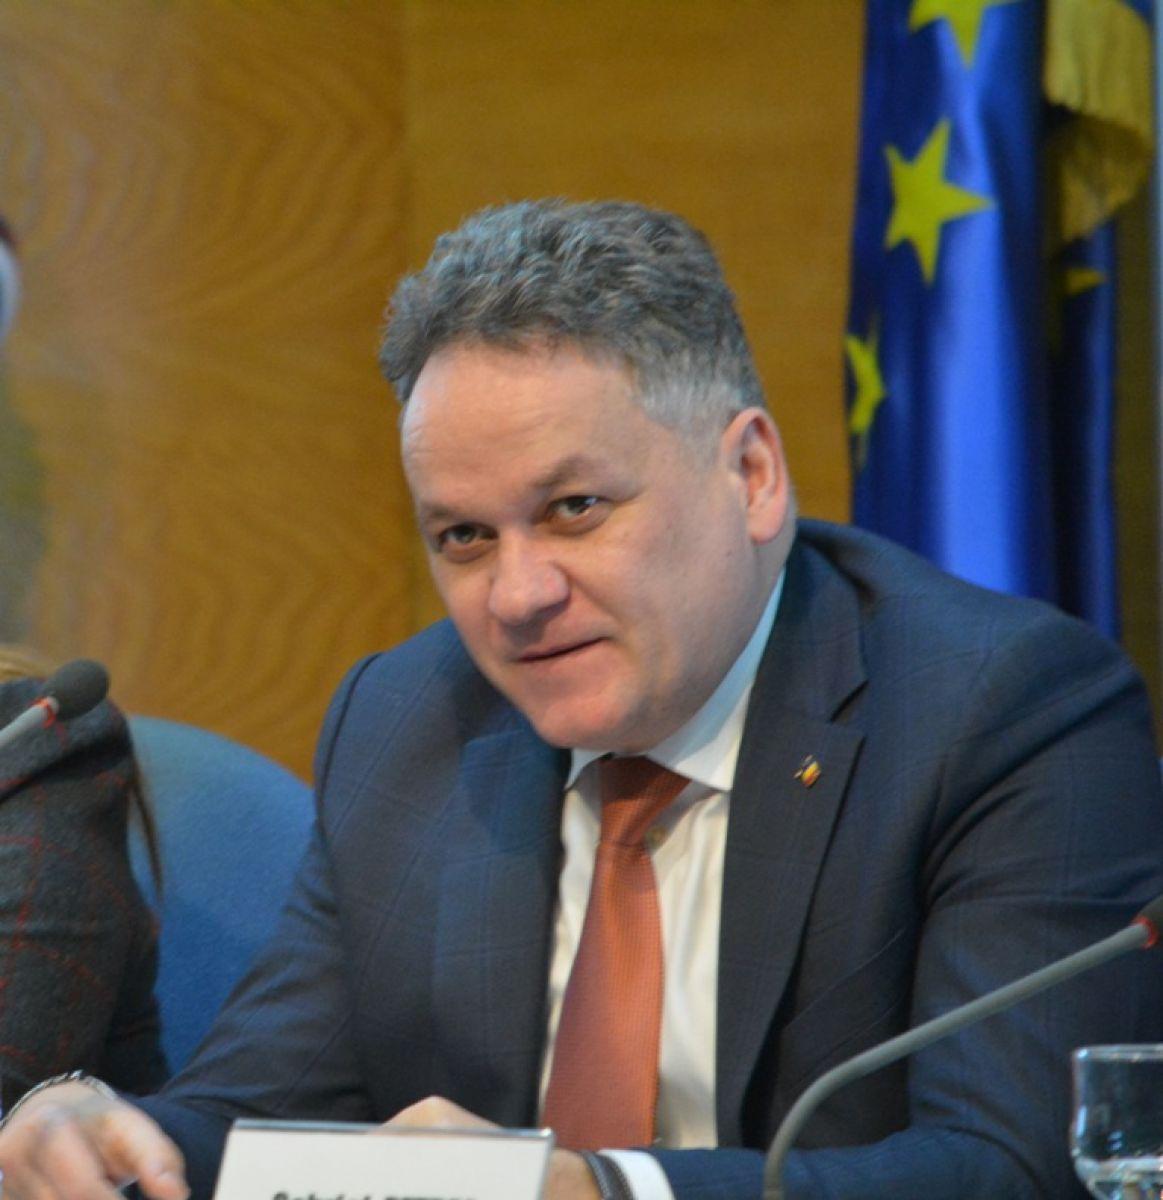 Prefectul de Botoşani a atacat în Contencios-administrativ bugetul pentru drumuri aprobat de Consiliul Judeţean